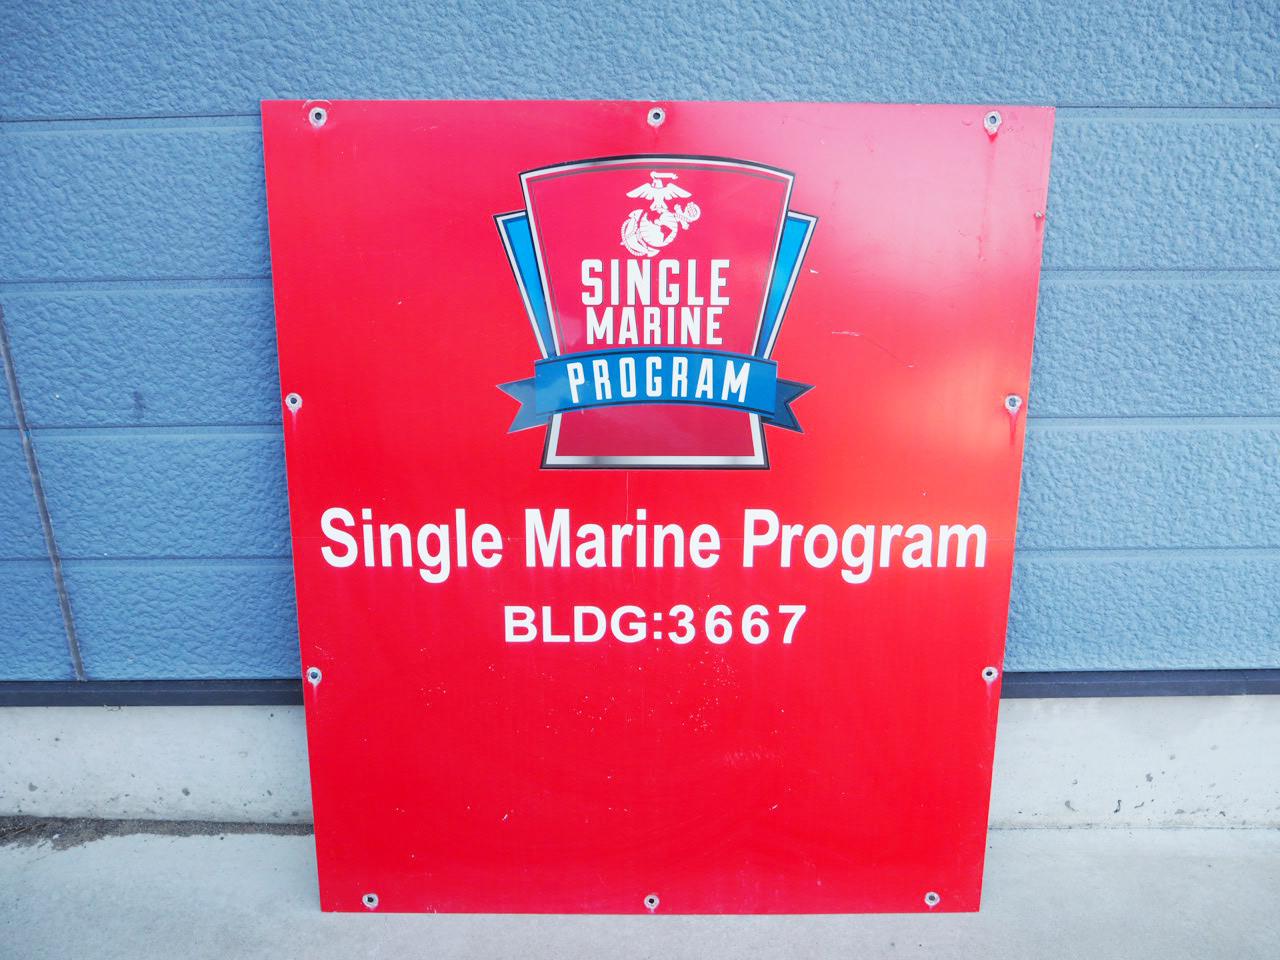 品番0150 SINGLE MARINE PROGRAM 看板 プレート アルミ製 米軍放出品 ミリタリーグッズ アメリカン ヴィンテージ